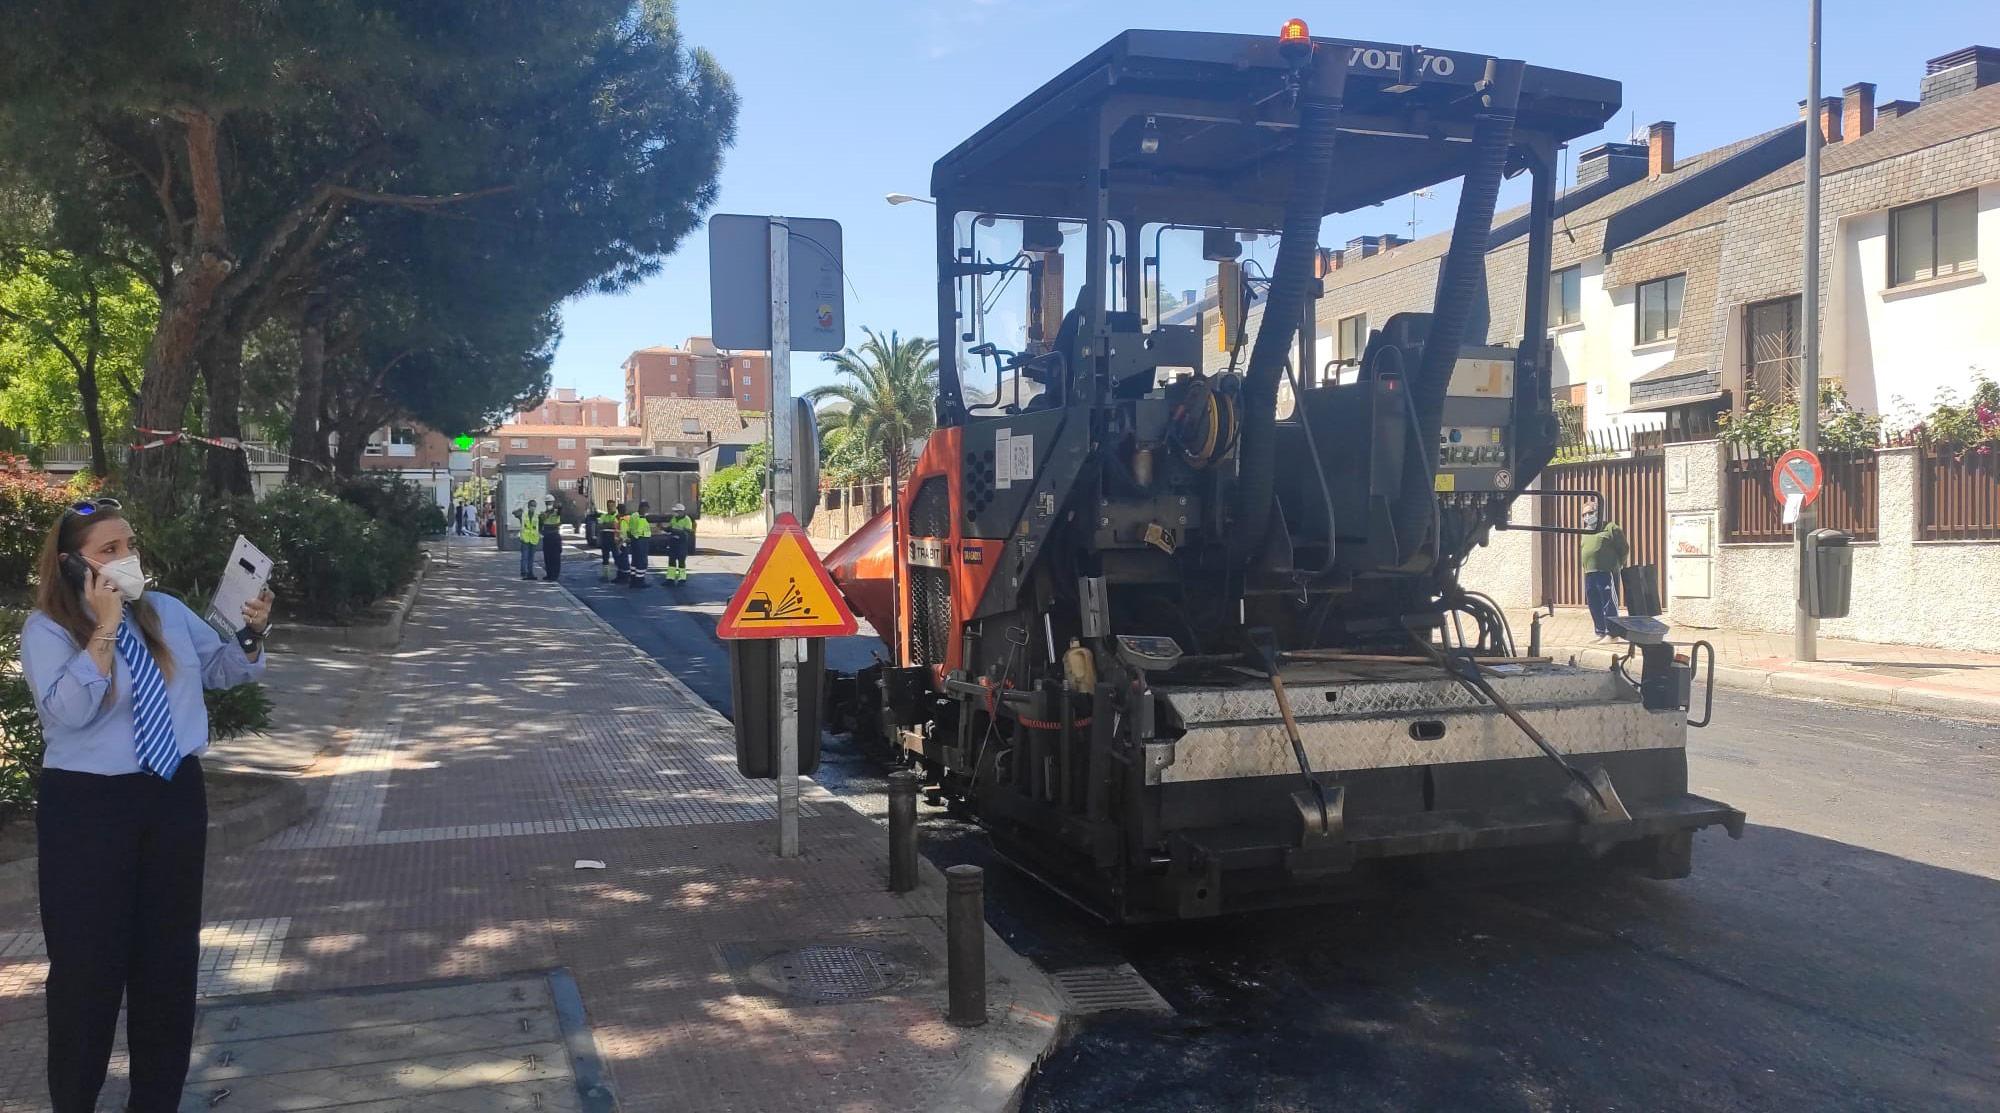 Más de 40 vías se re-asfaltarán entre abril y septiembre en el distrito dentro de la Operación Asfalto 2020